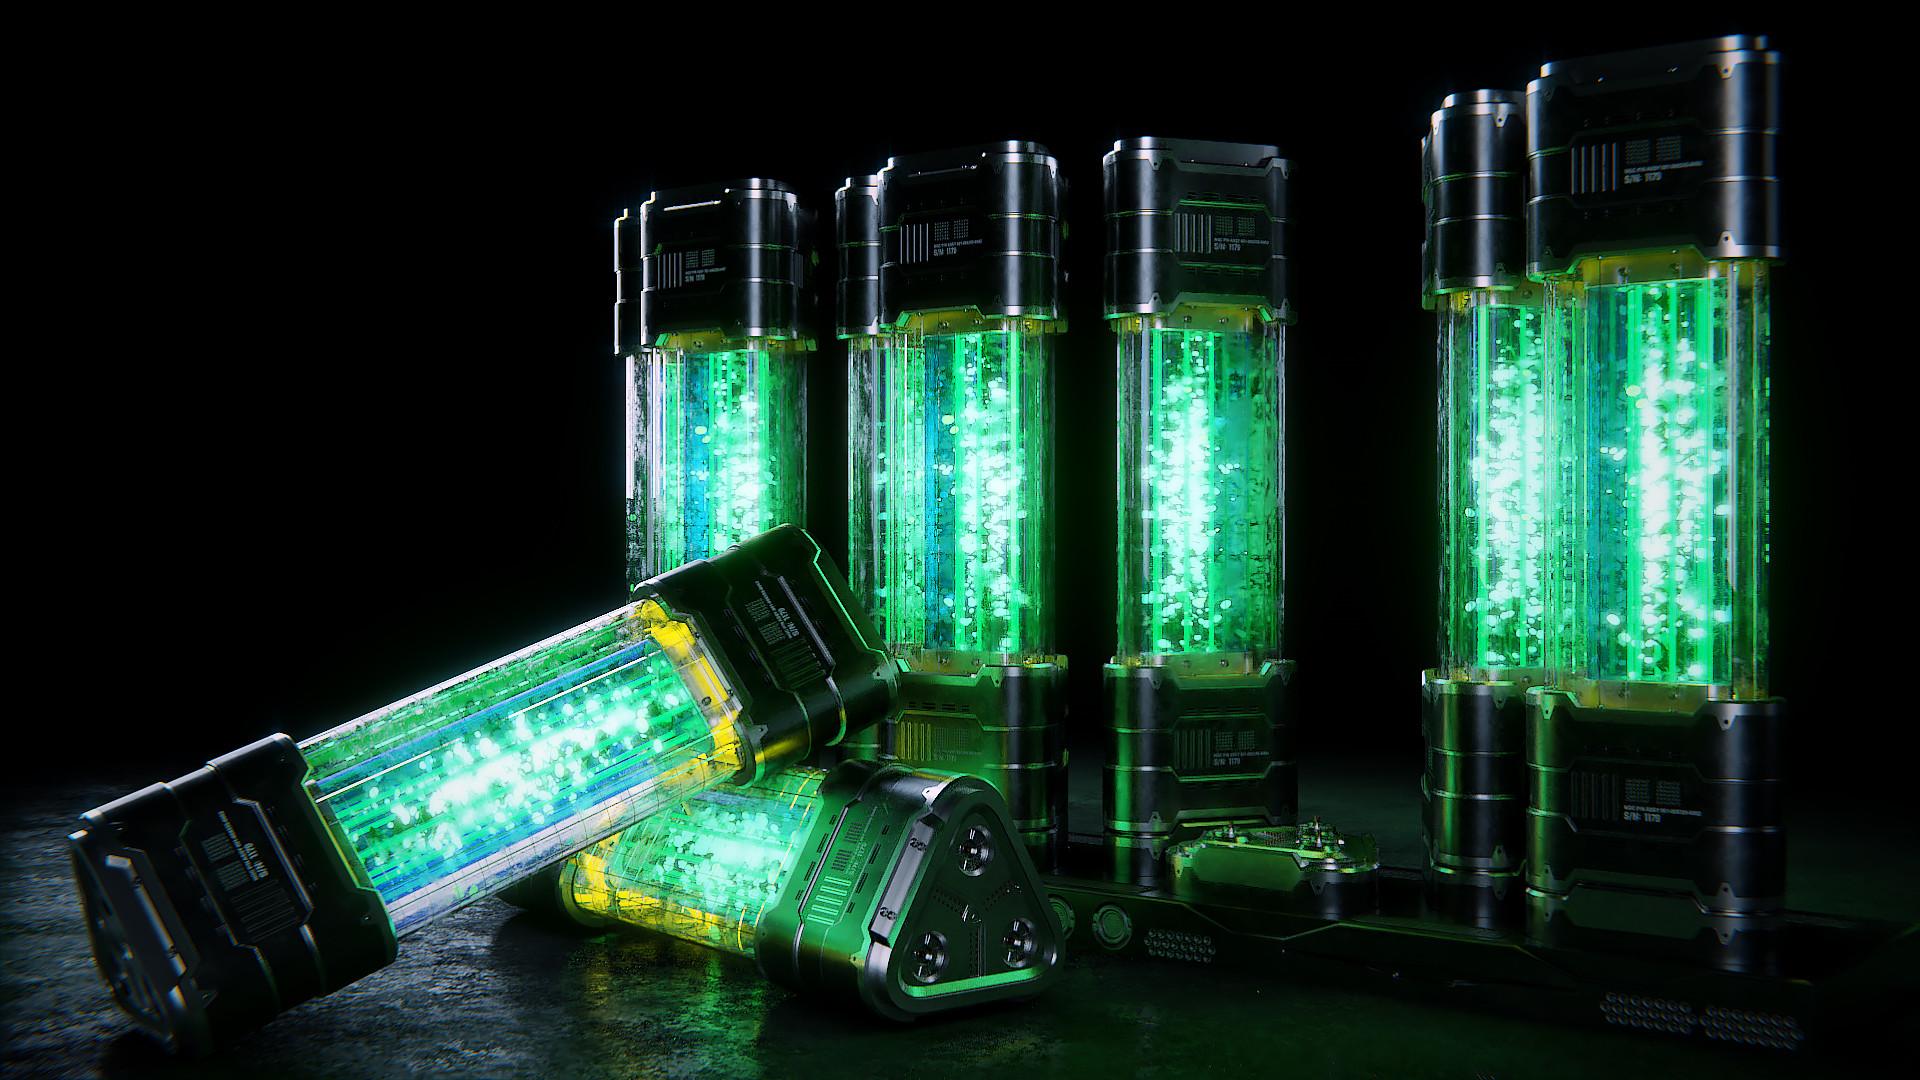 Green ones